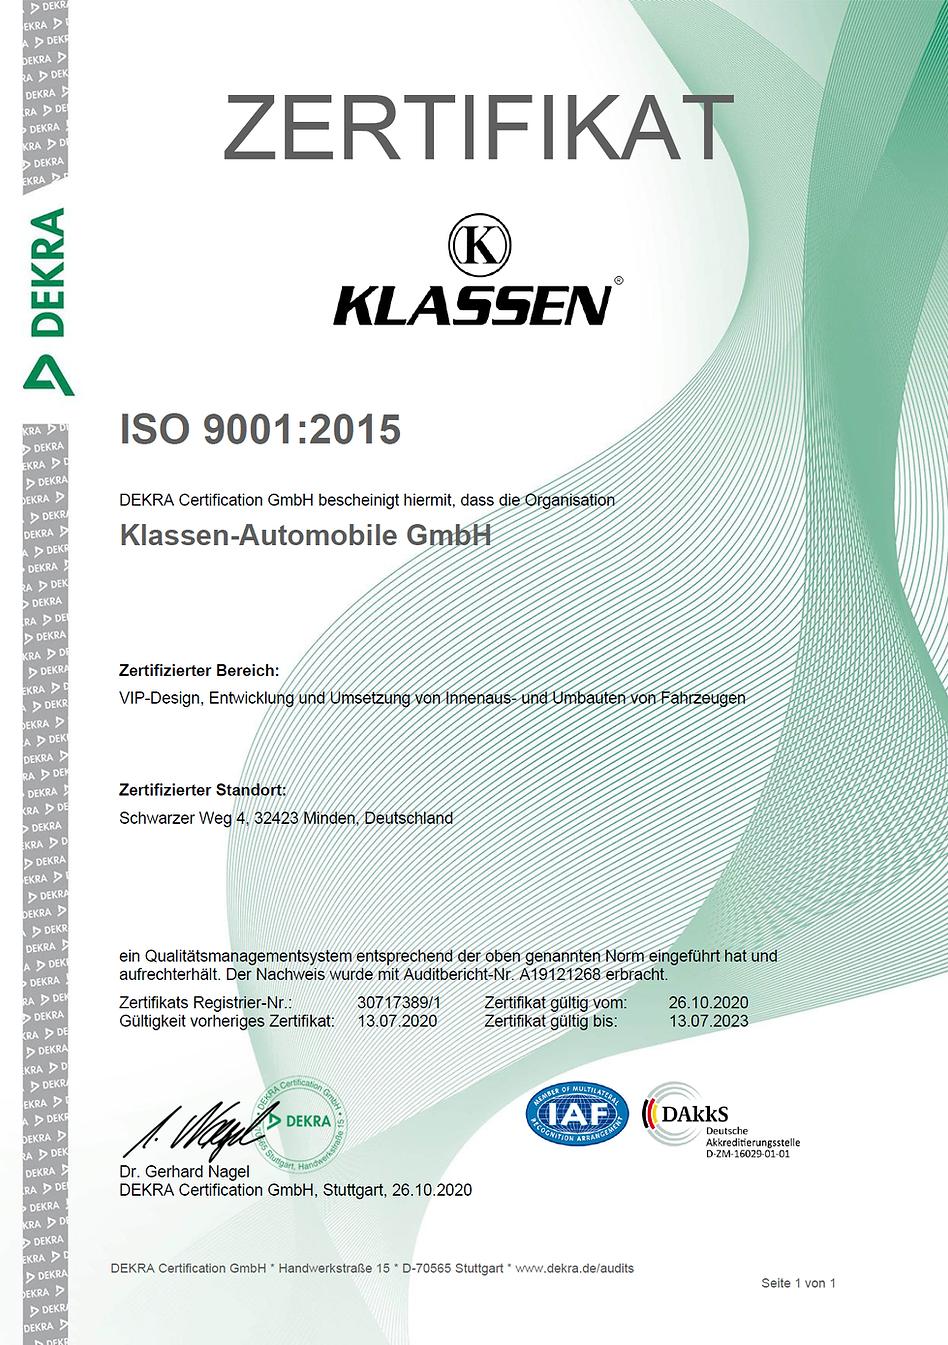 KLASSEN_Zertifikat_ISO_9001_2015_DE.png